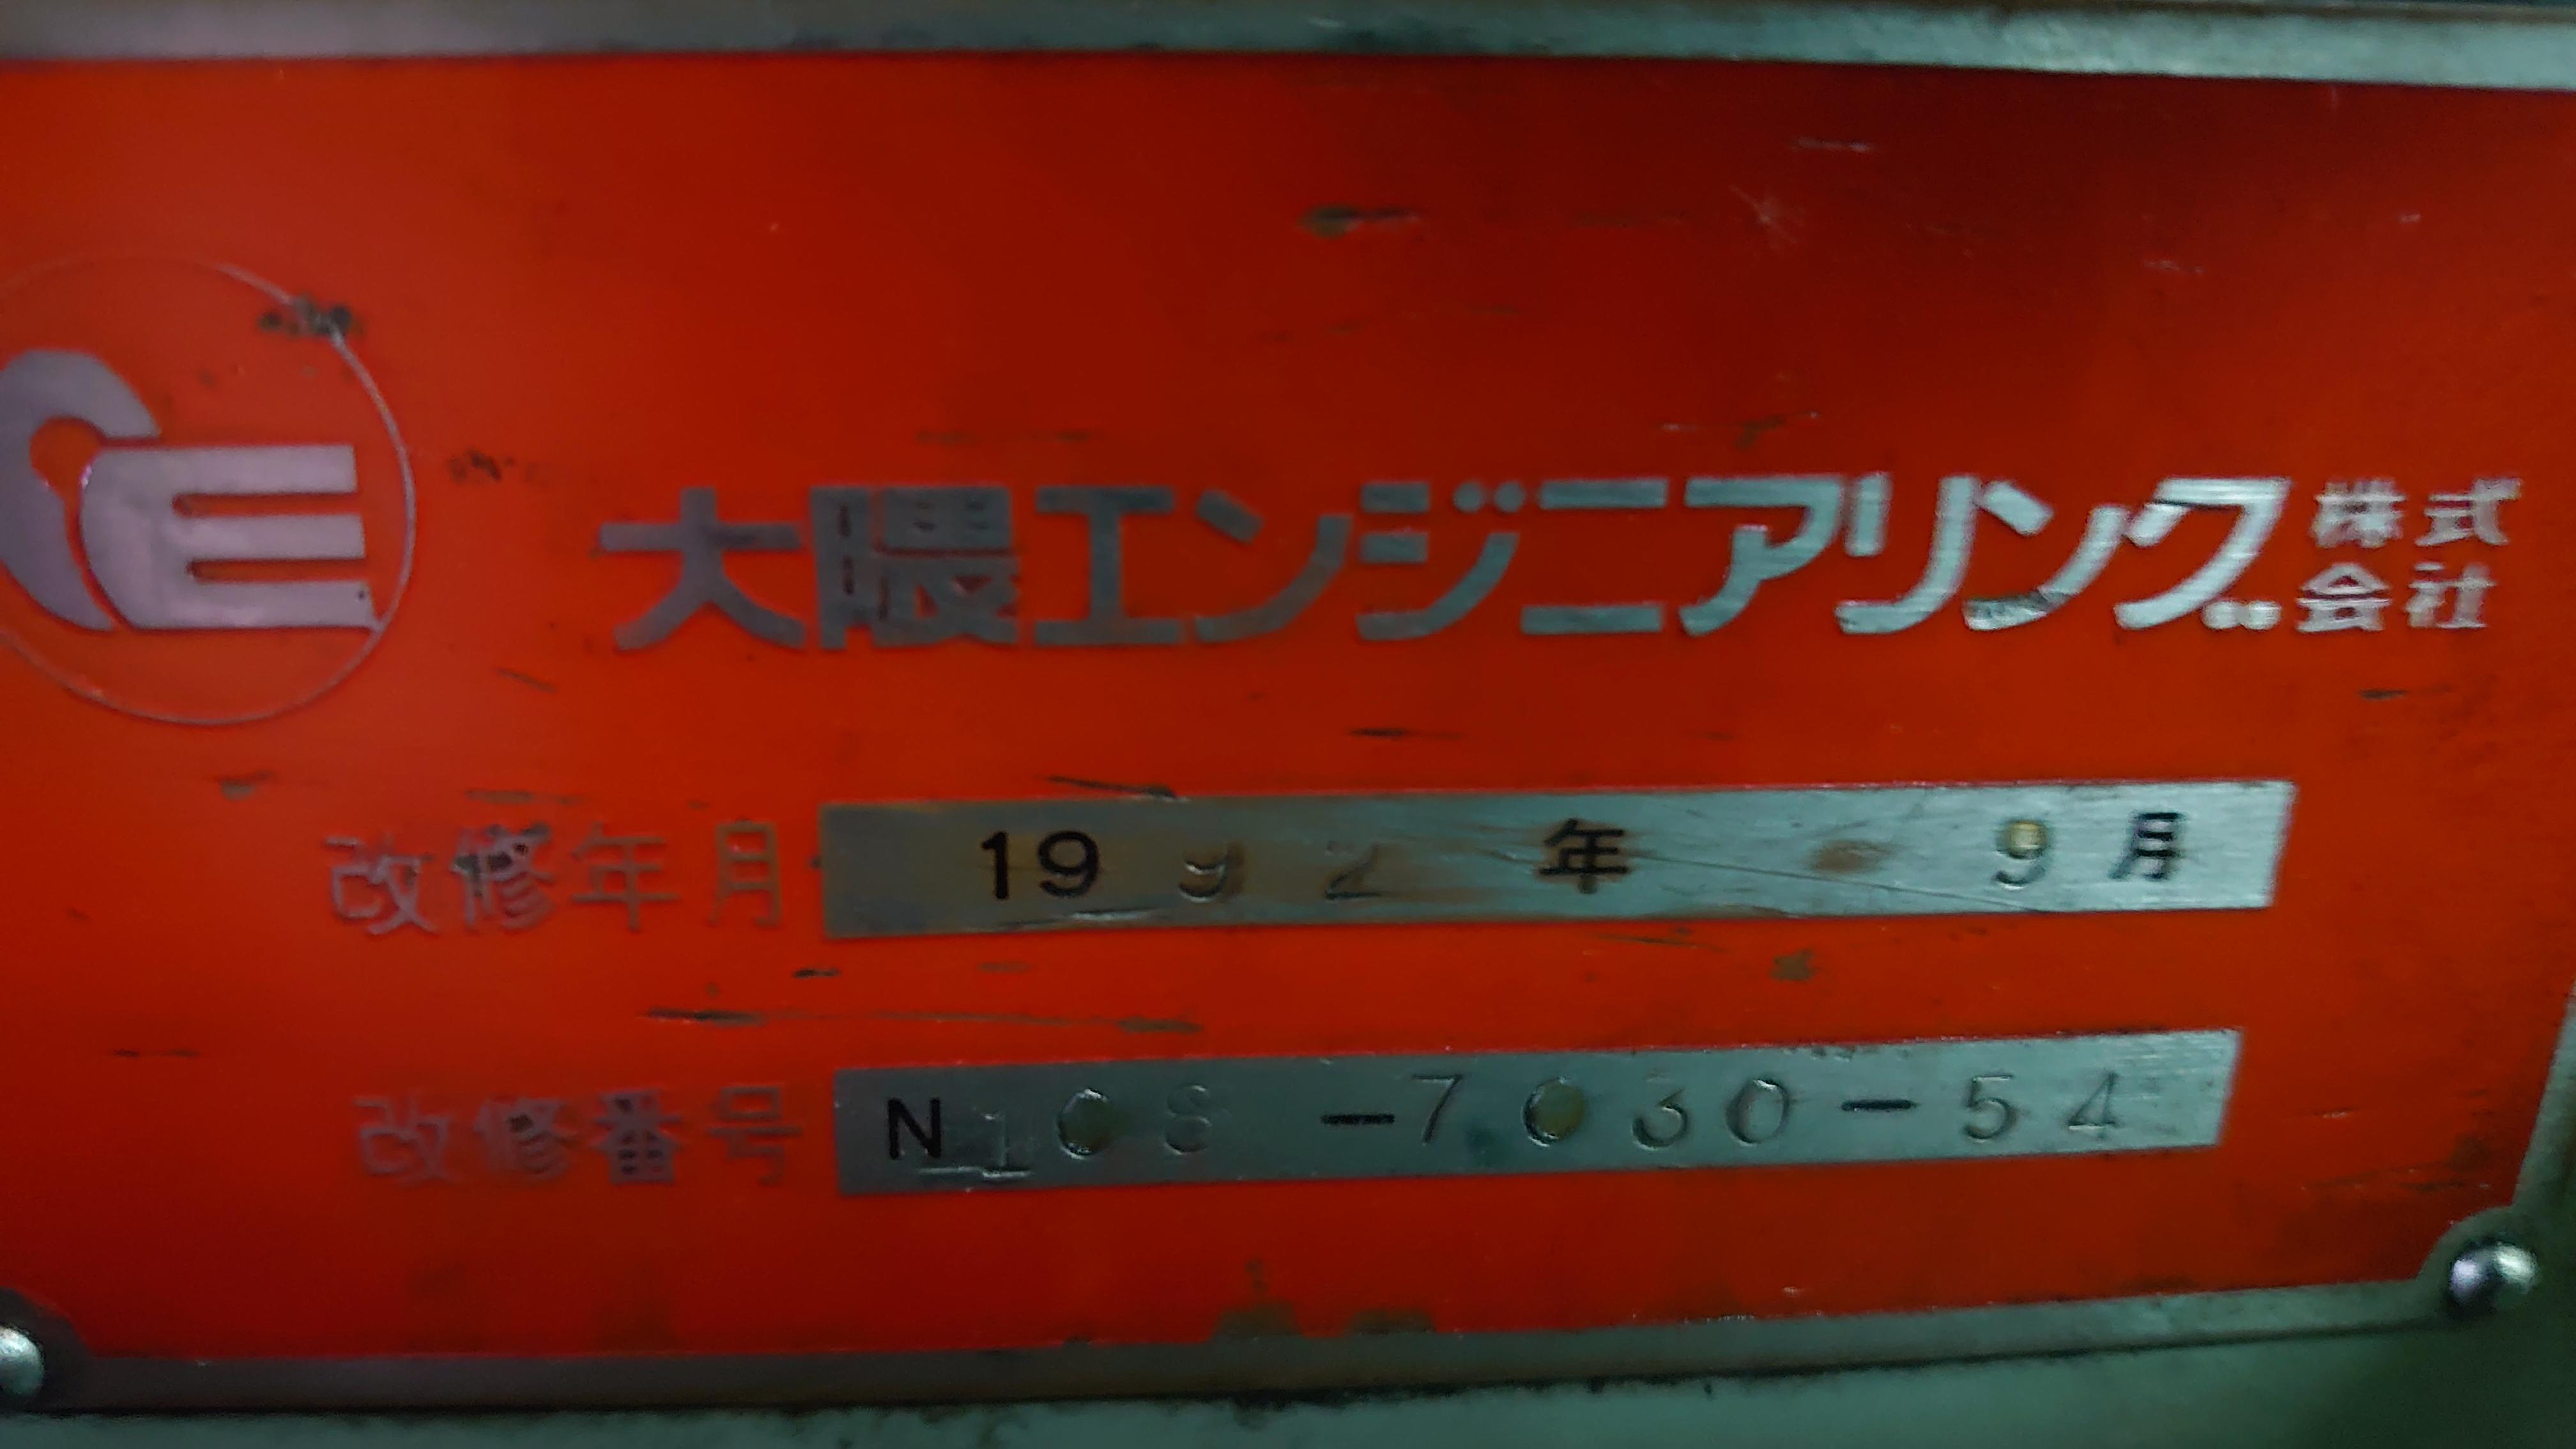 オークマ_LS_6尺旋盤